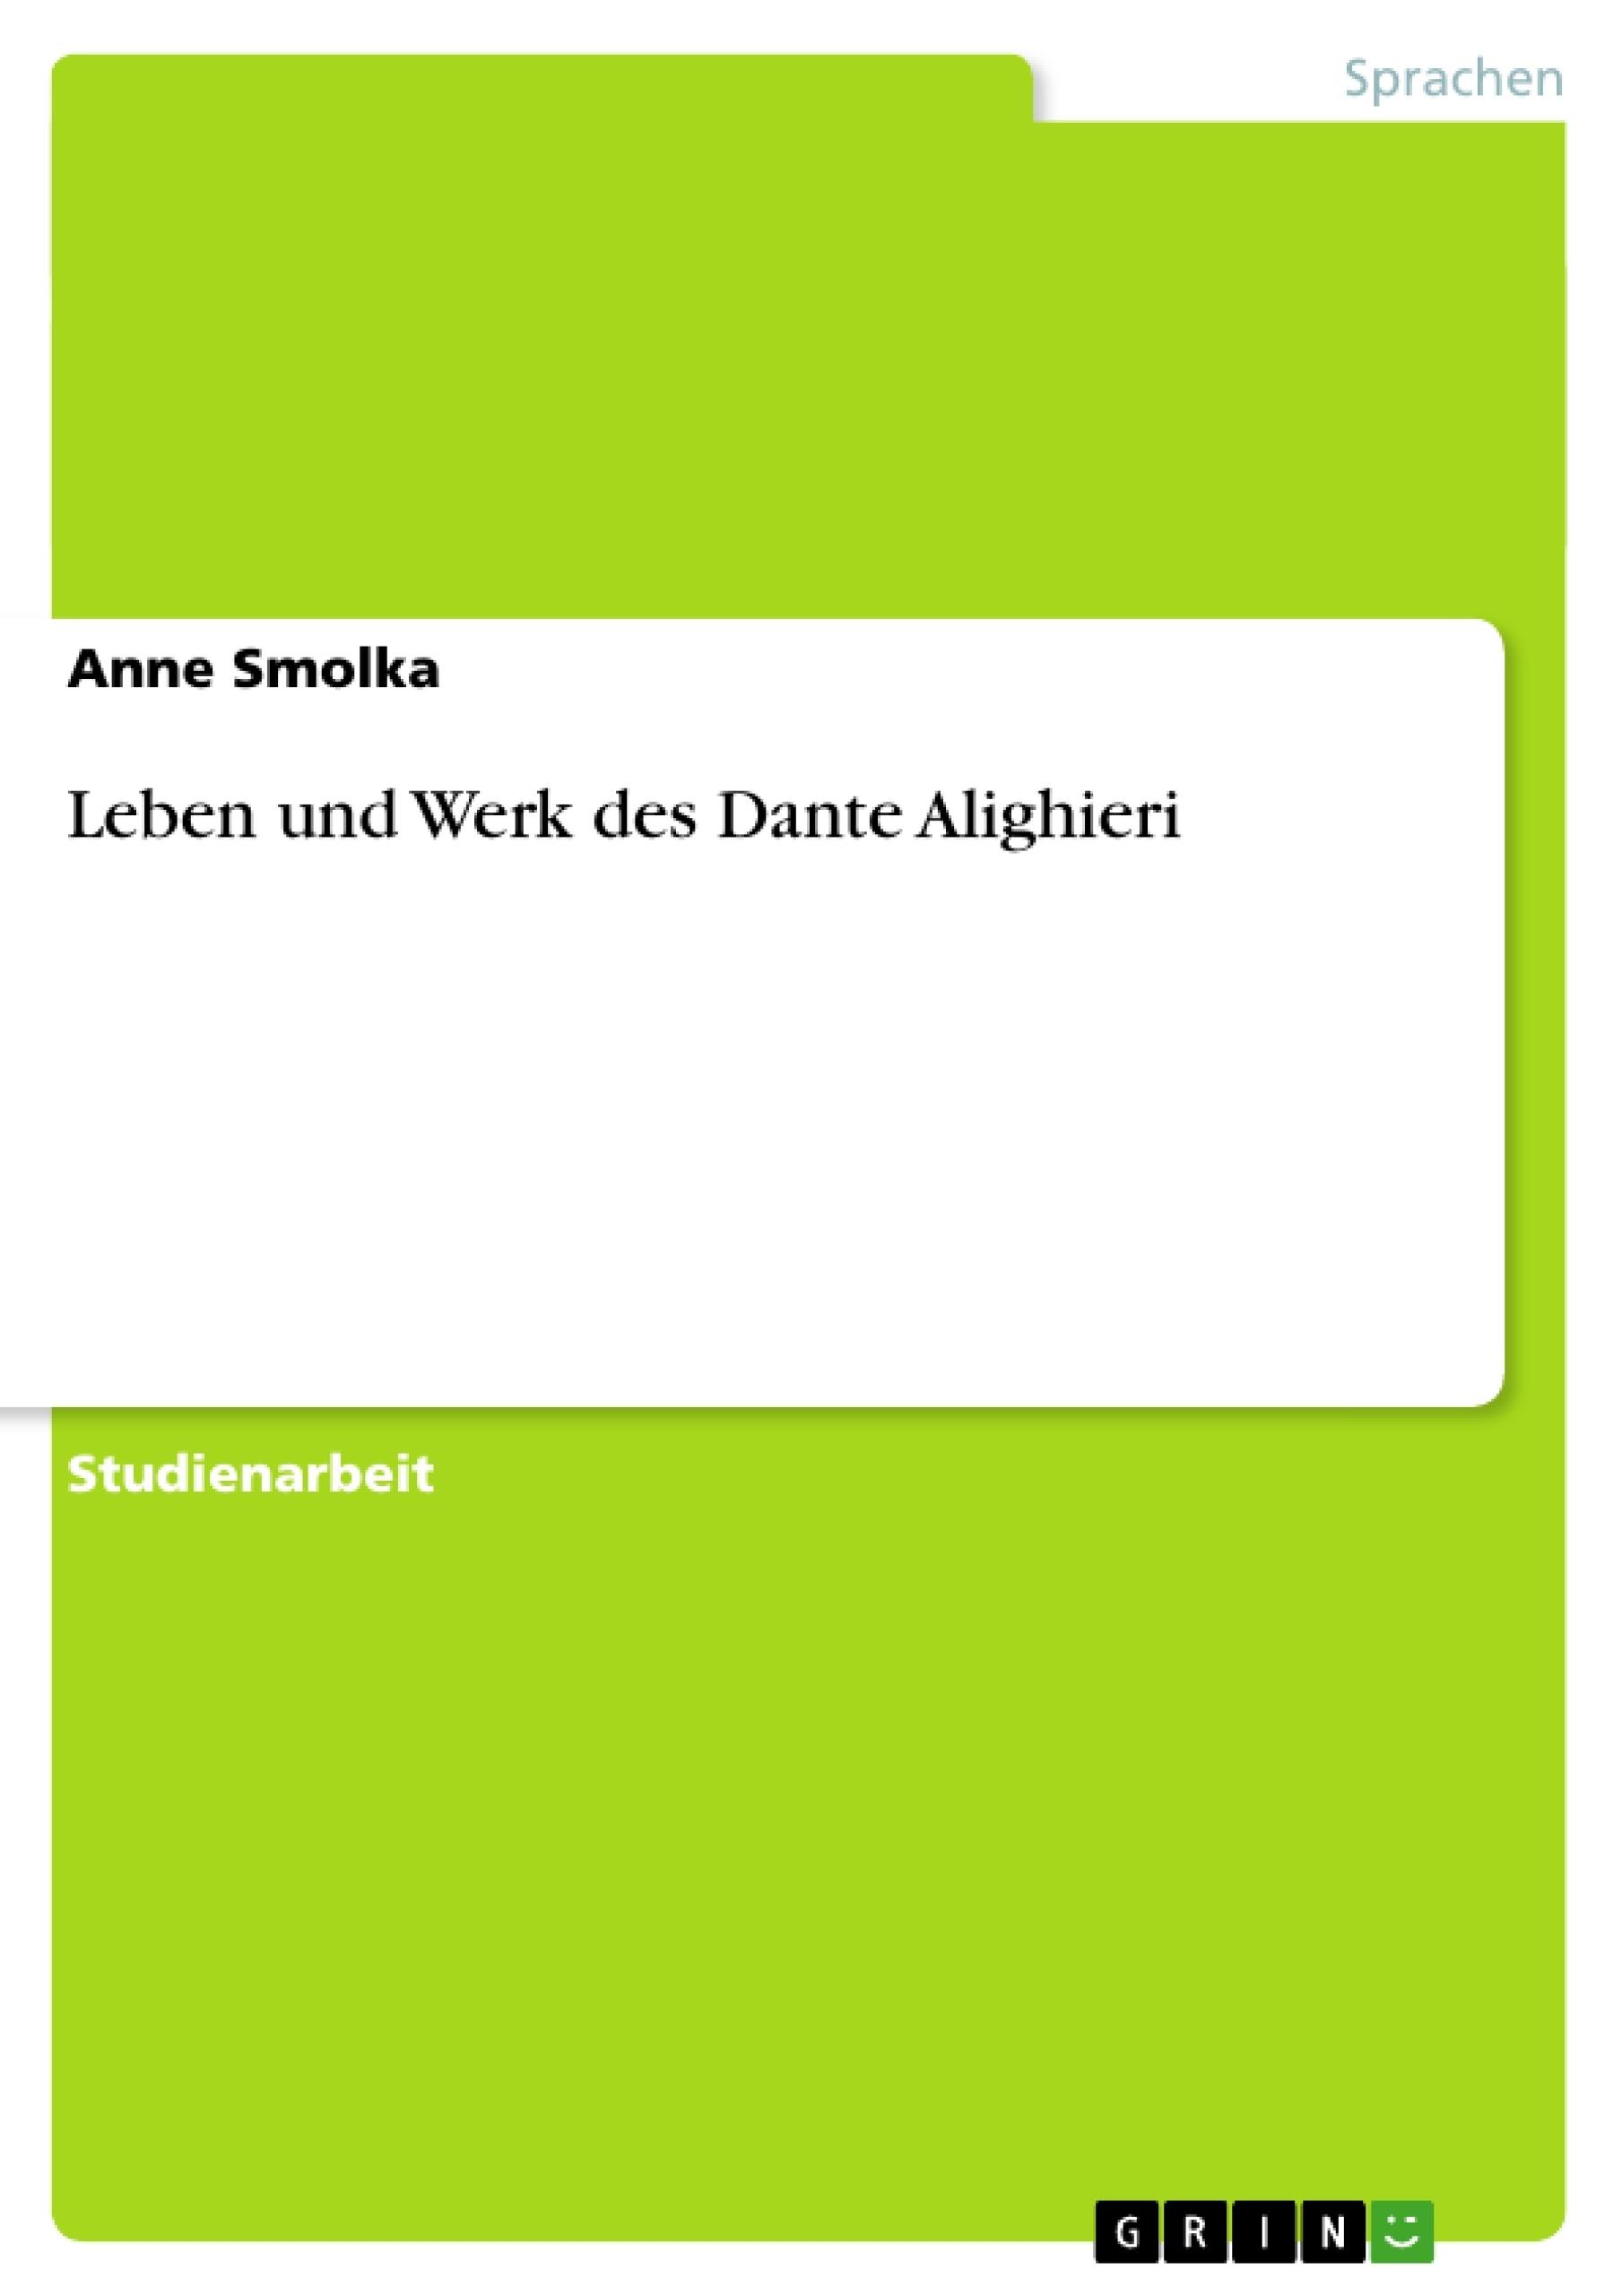 Titel: Leben und Werk des Dante Alighieri